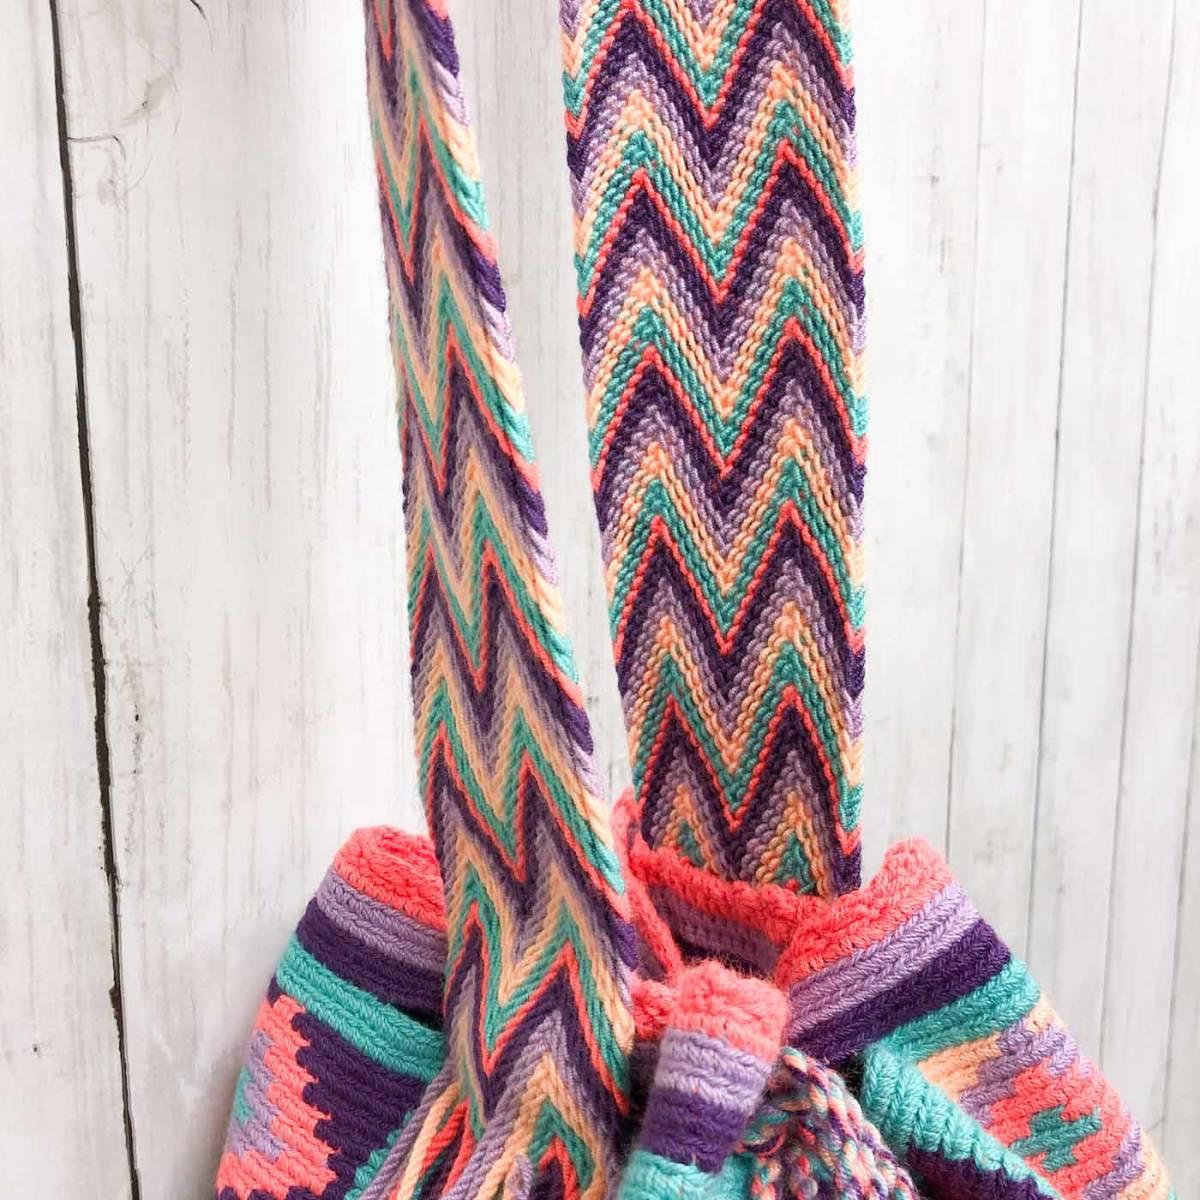 ワユーバッグ wayuu bag マザーズバッグ ショルダーバッグ レディース かごバッグ きれいめ ハンドメイド 手織り 南米 コロンビア 3_画像4